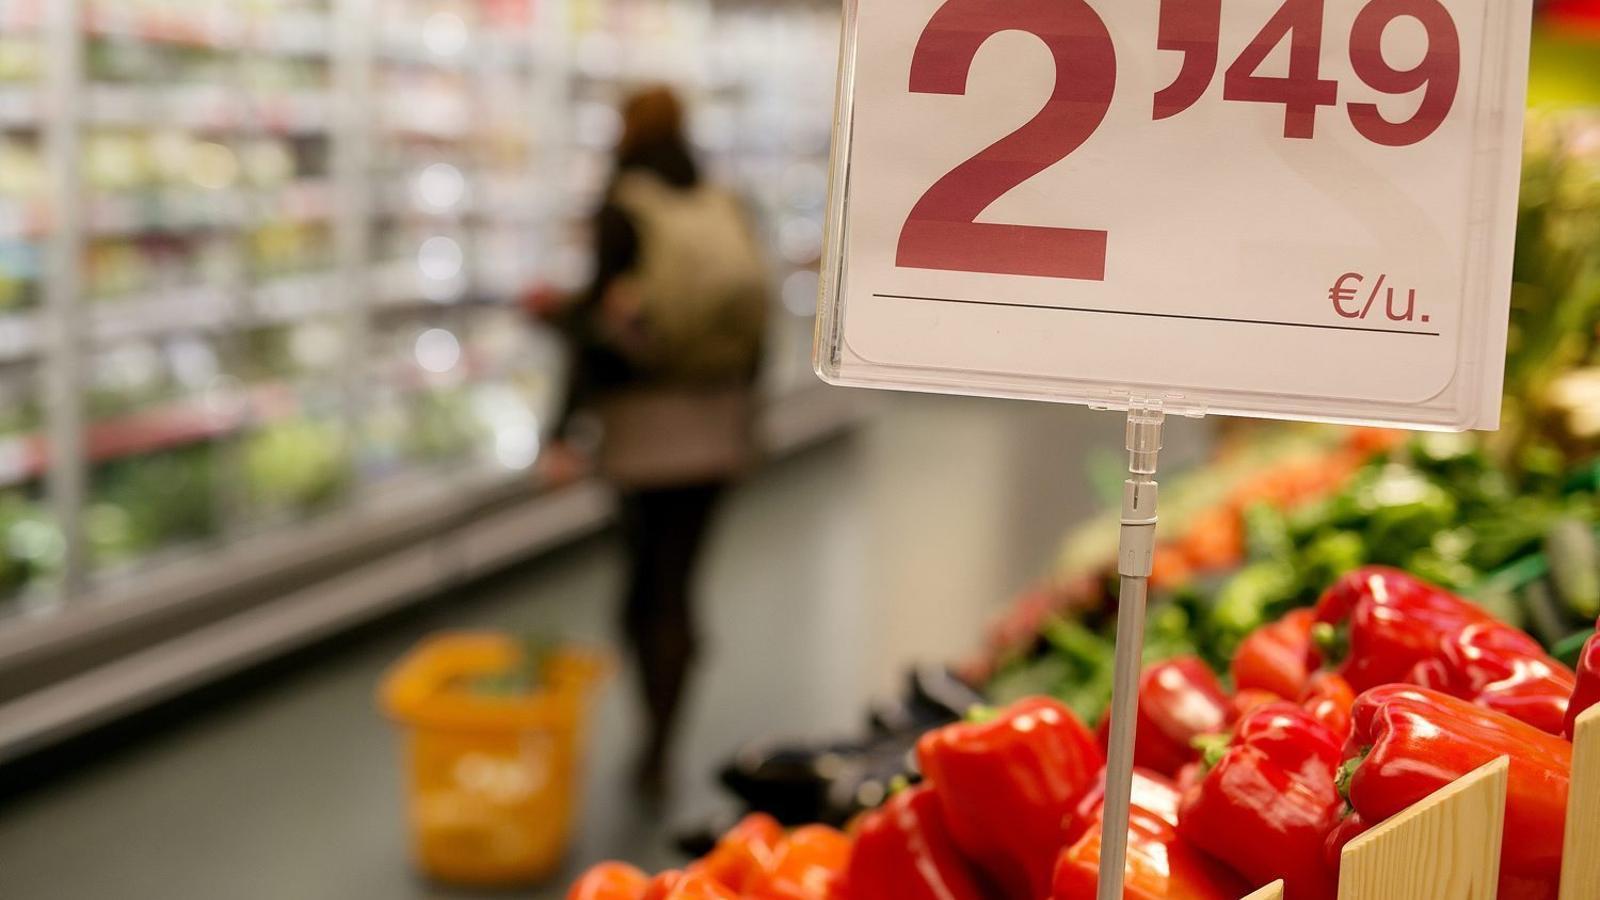 Els preus es van moderar a Balears el mes d'octubre però la mitjana interanual continua de les més altes de l'Estat.